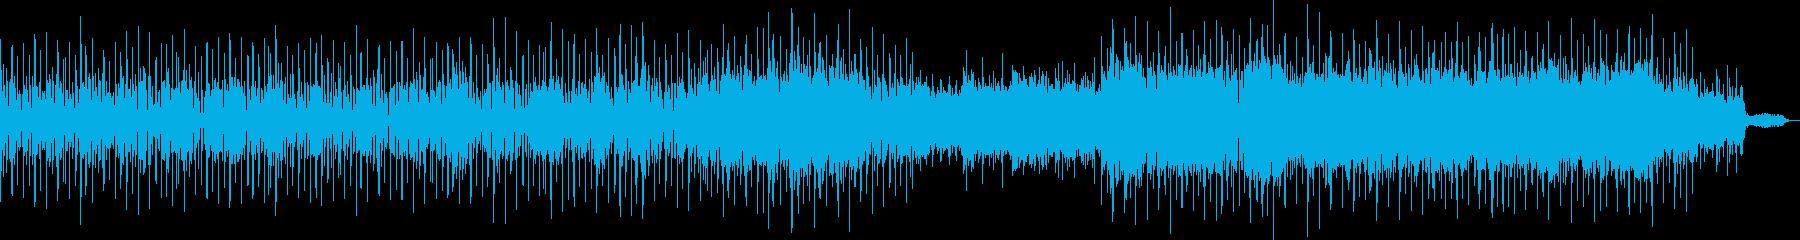 リズミカルかつのどかで広がりあるBGMの再生済みの波形